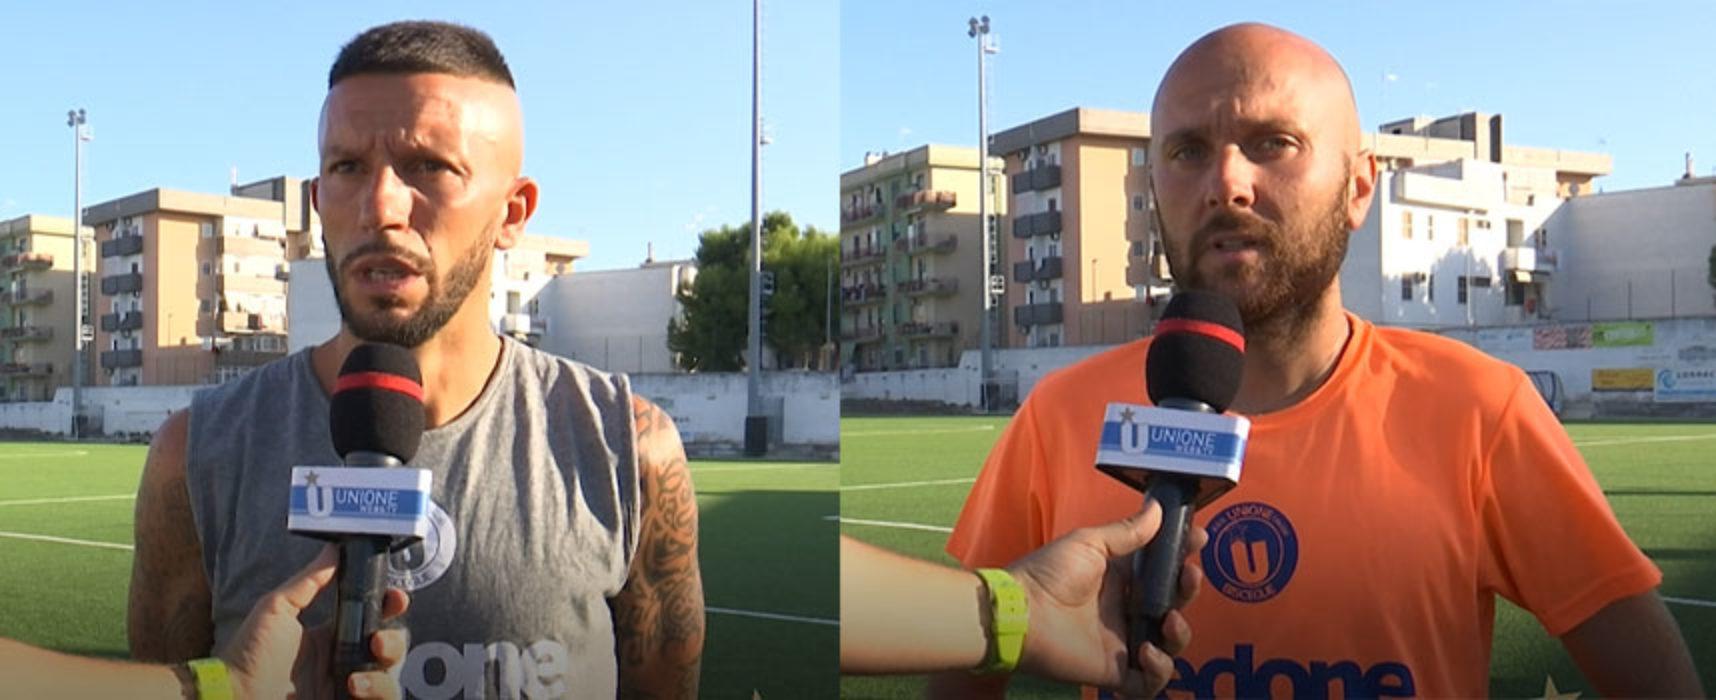 Unione Calcio: Zingrillo in gruppo, tre amichevoli in pochi giorni / VIDEO